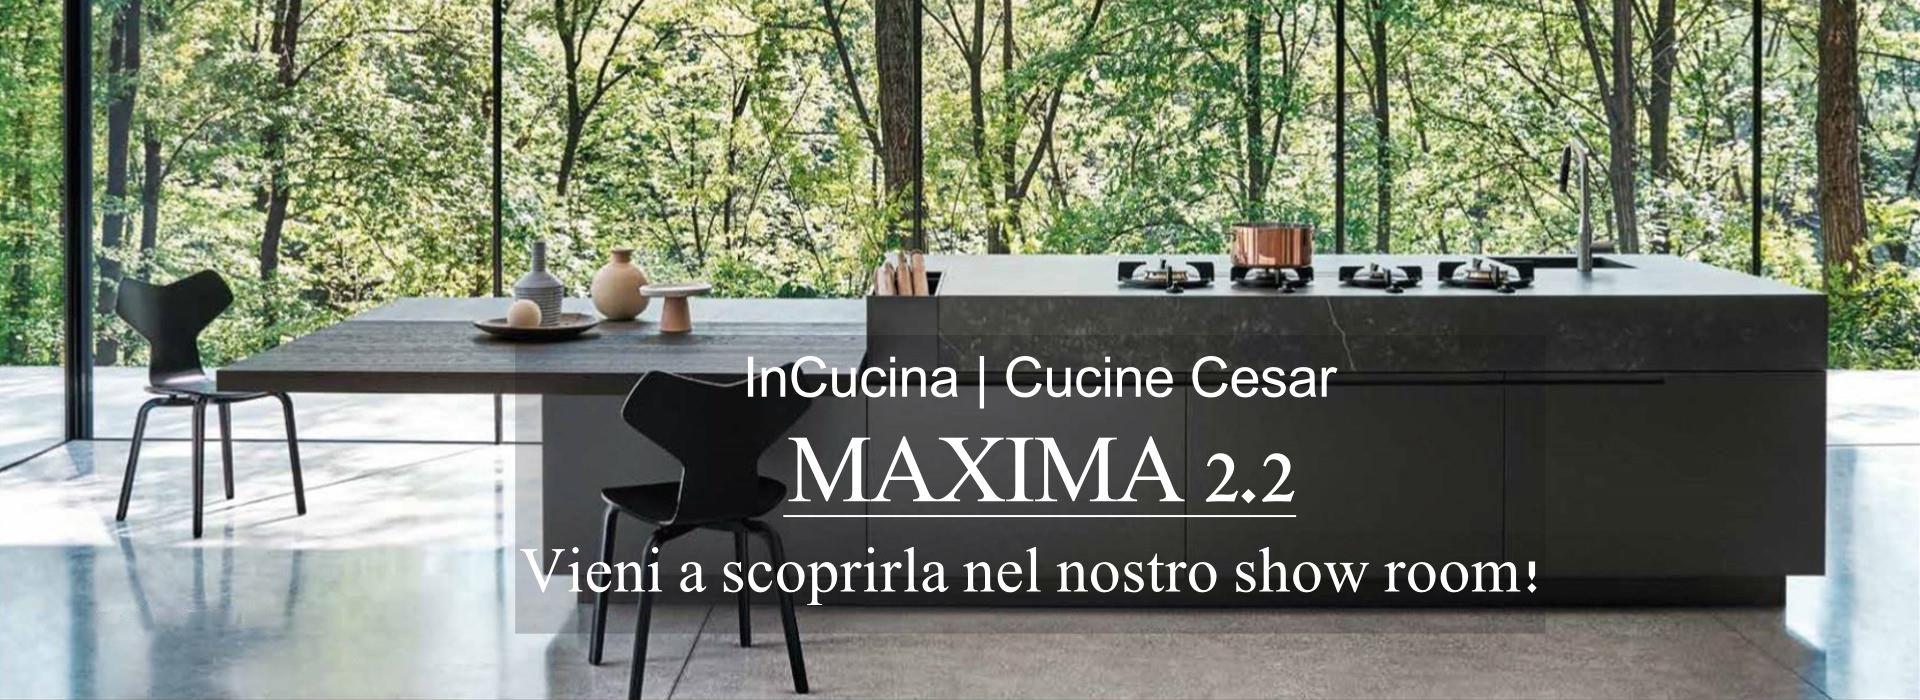 MAXIMA_6_1920_700_TESTO_compressa